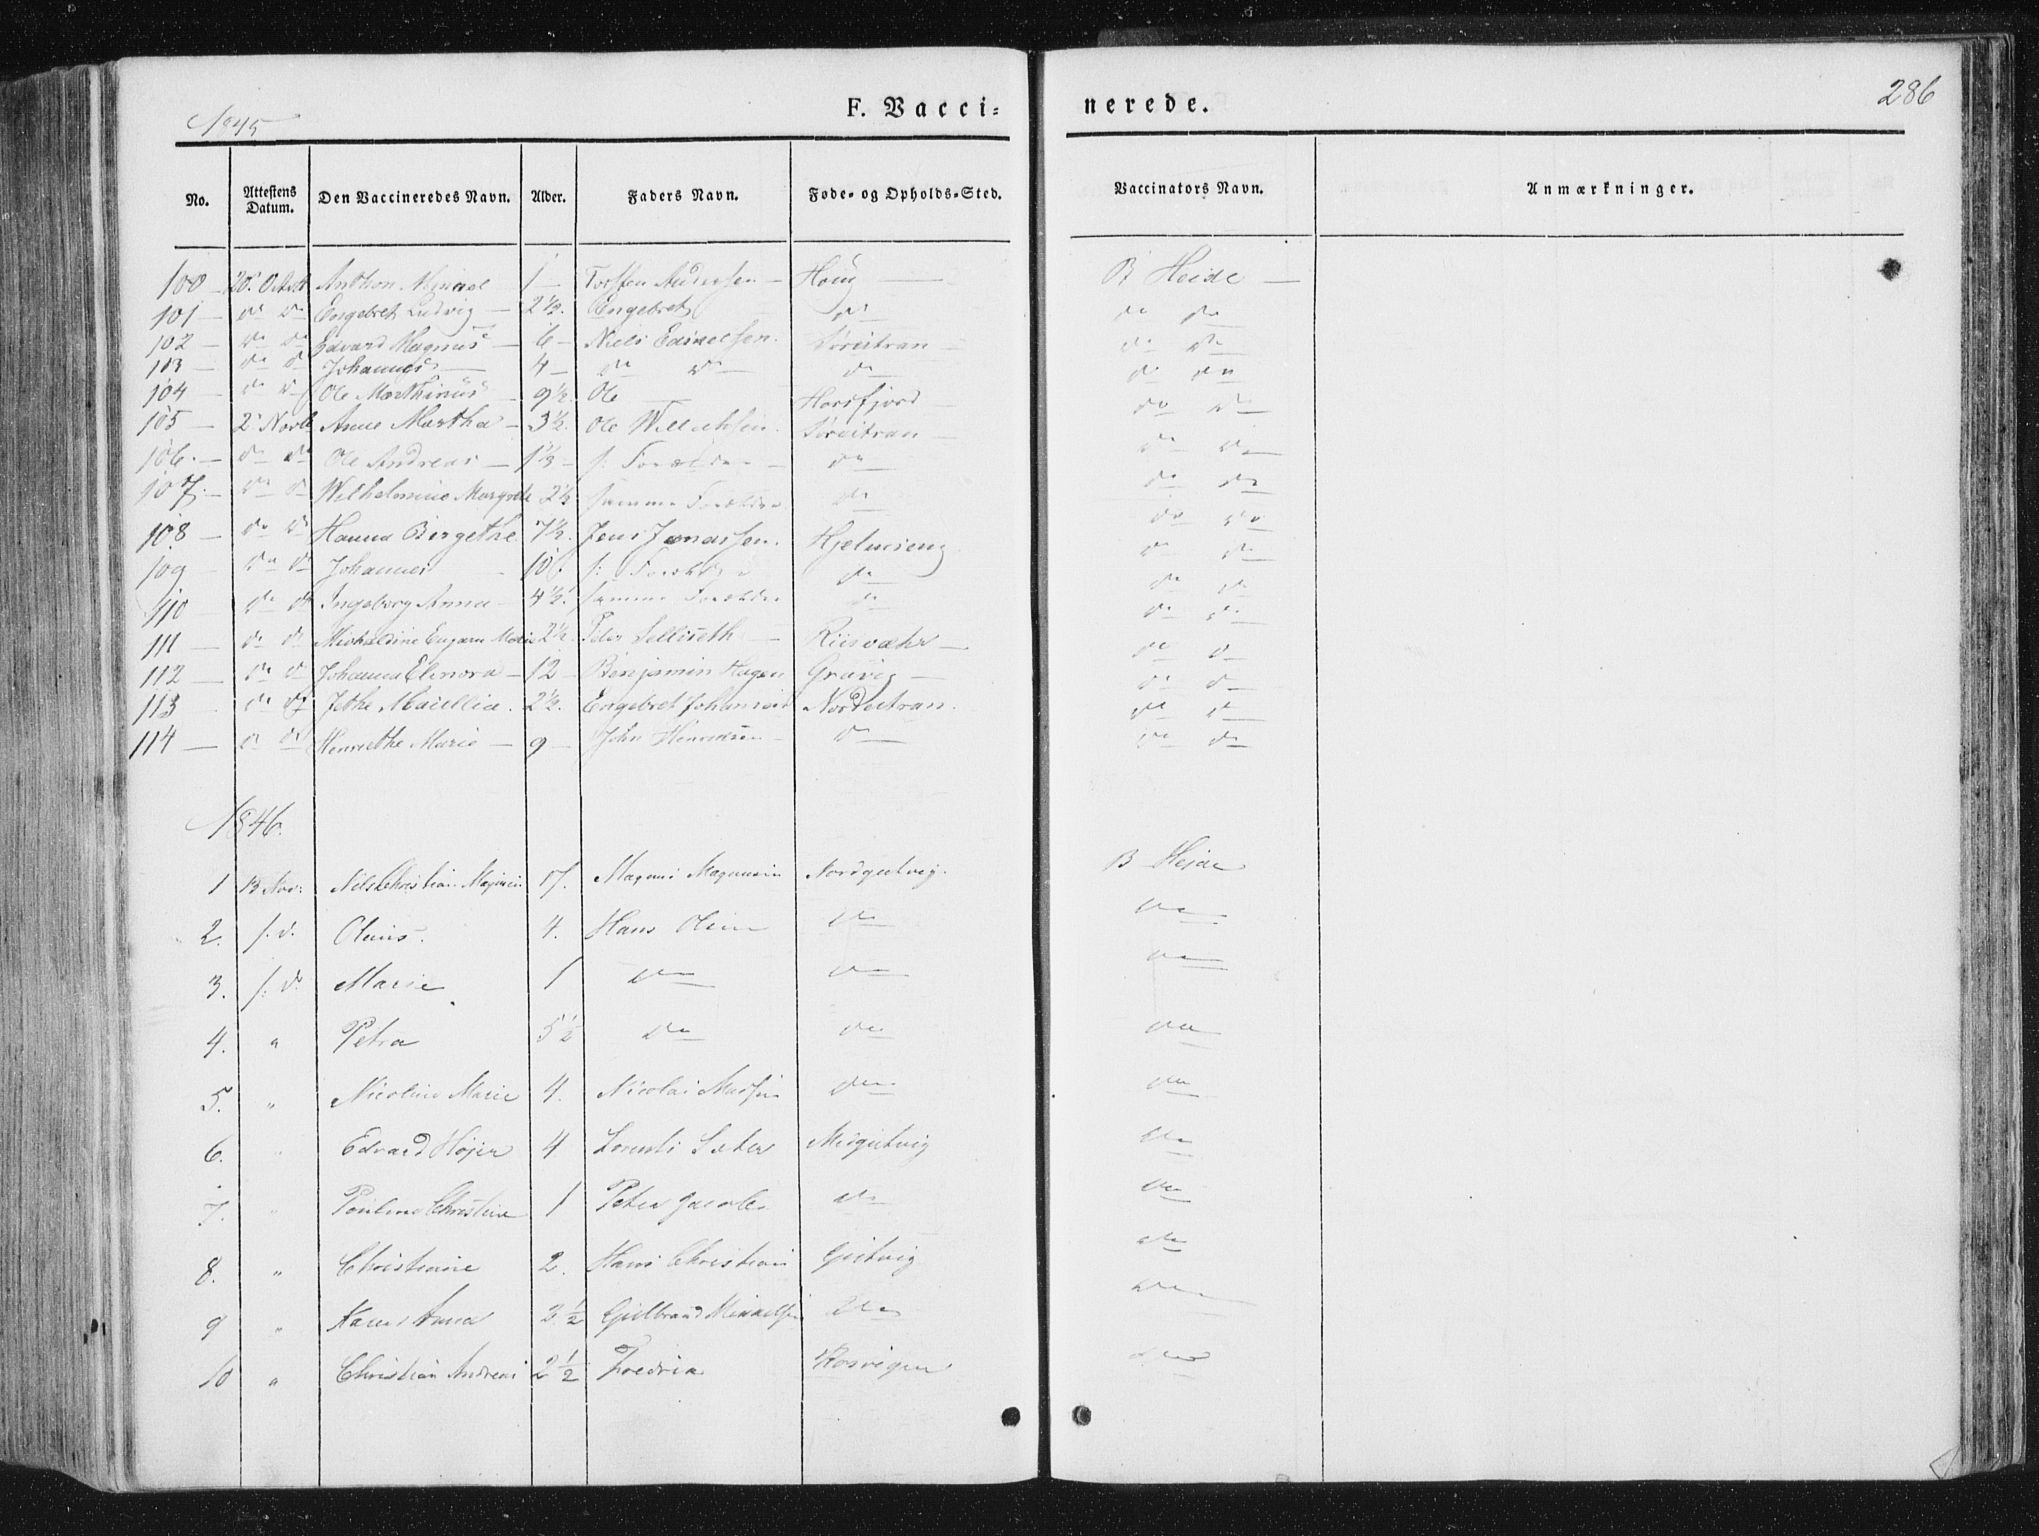 SAT, Ministerialprotokoller, klokkerbøker og fødselsregistre - Nord-Trøndelag, 780/L0640: Ministerialbok nr. 780A05, 1845-1856, s. 286